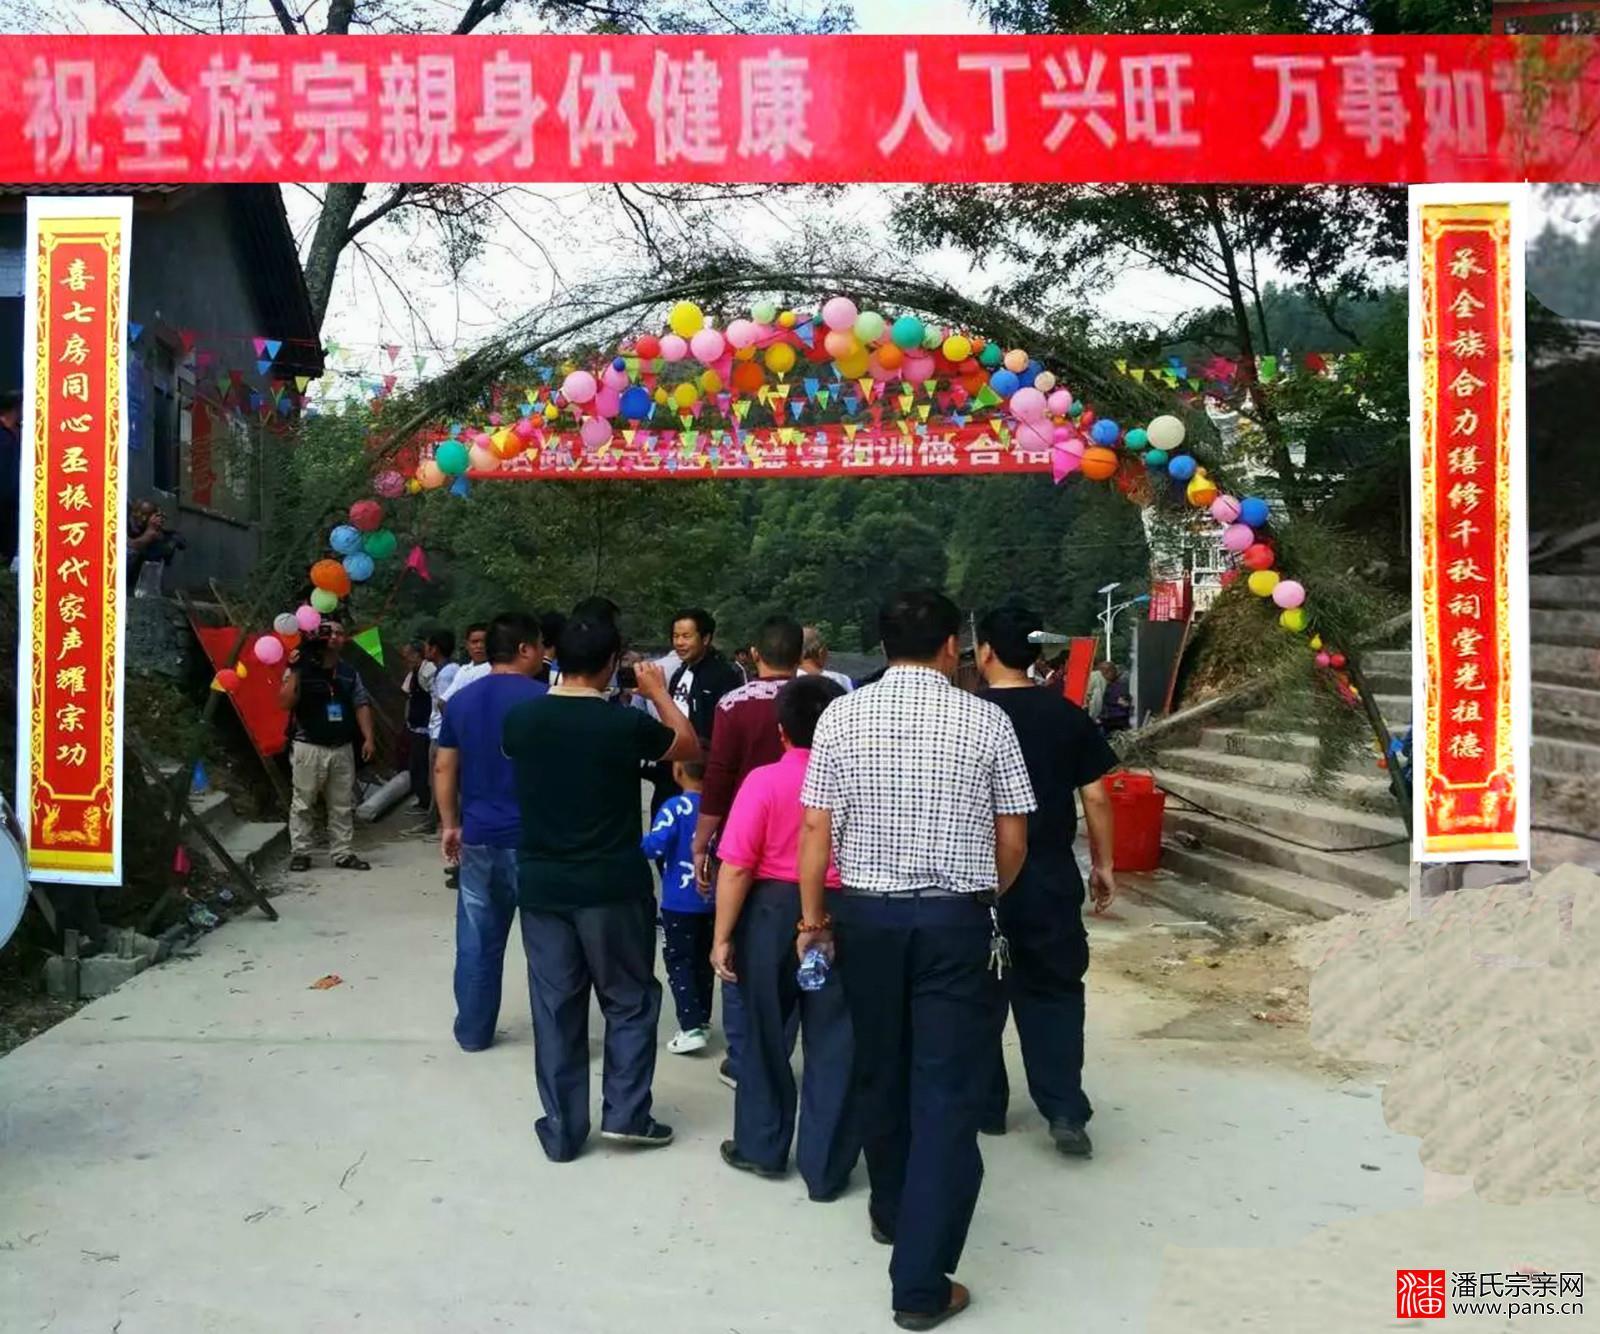 高坡潘氏举行了宗祠祭祖暨维修宗祠竣工盛典